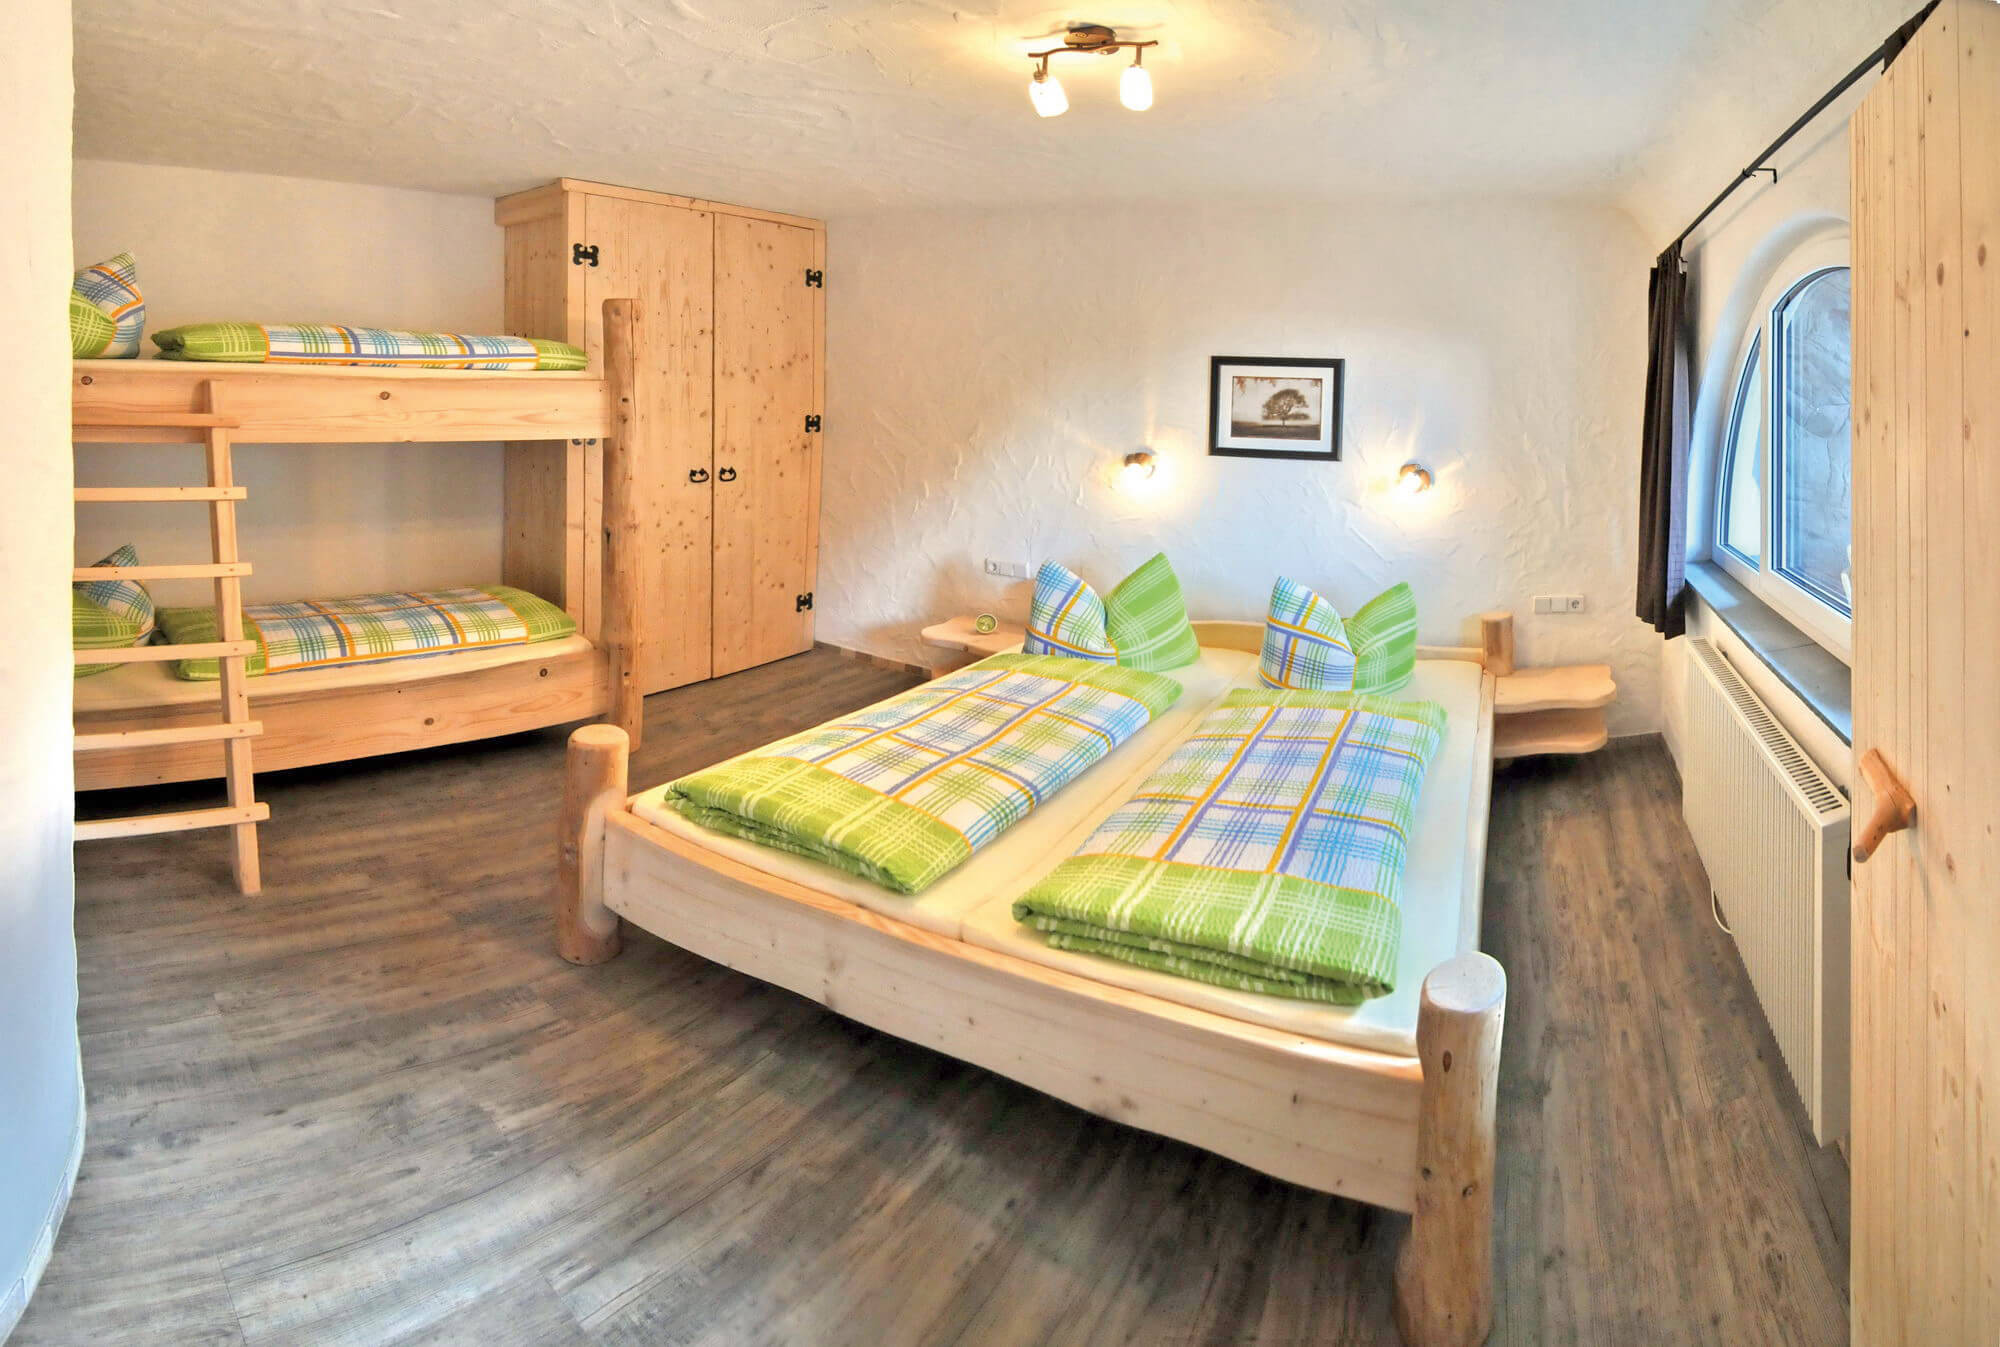 Die Zimmer Präsentieren Sich Als Moderne Wohn  Und Schlafräume Mit Viel  Holz, Doppelbetten Für Die Eltern, Etagenbett Für Die Kinder